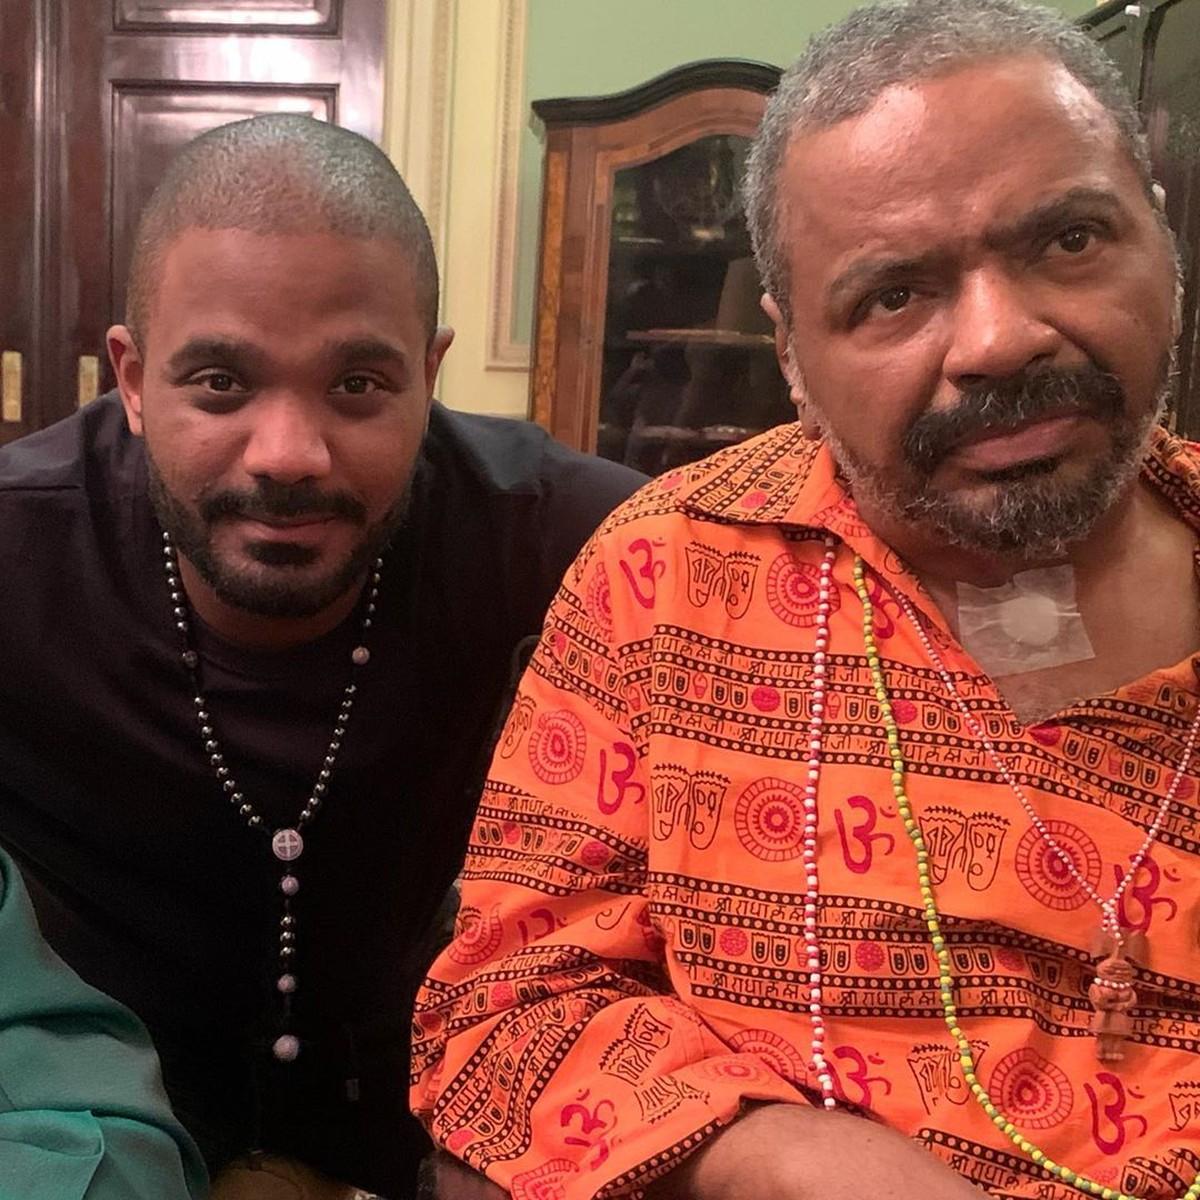 Arlindinho finaliza música nova de Arlindo Cruz e detalha tratamento do pai: 'Homenagem e respeito' | Música